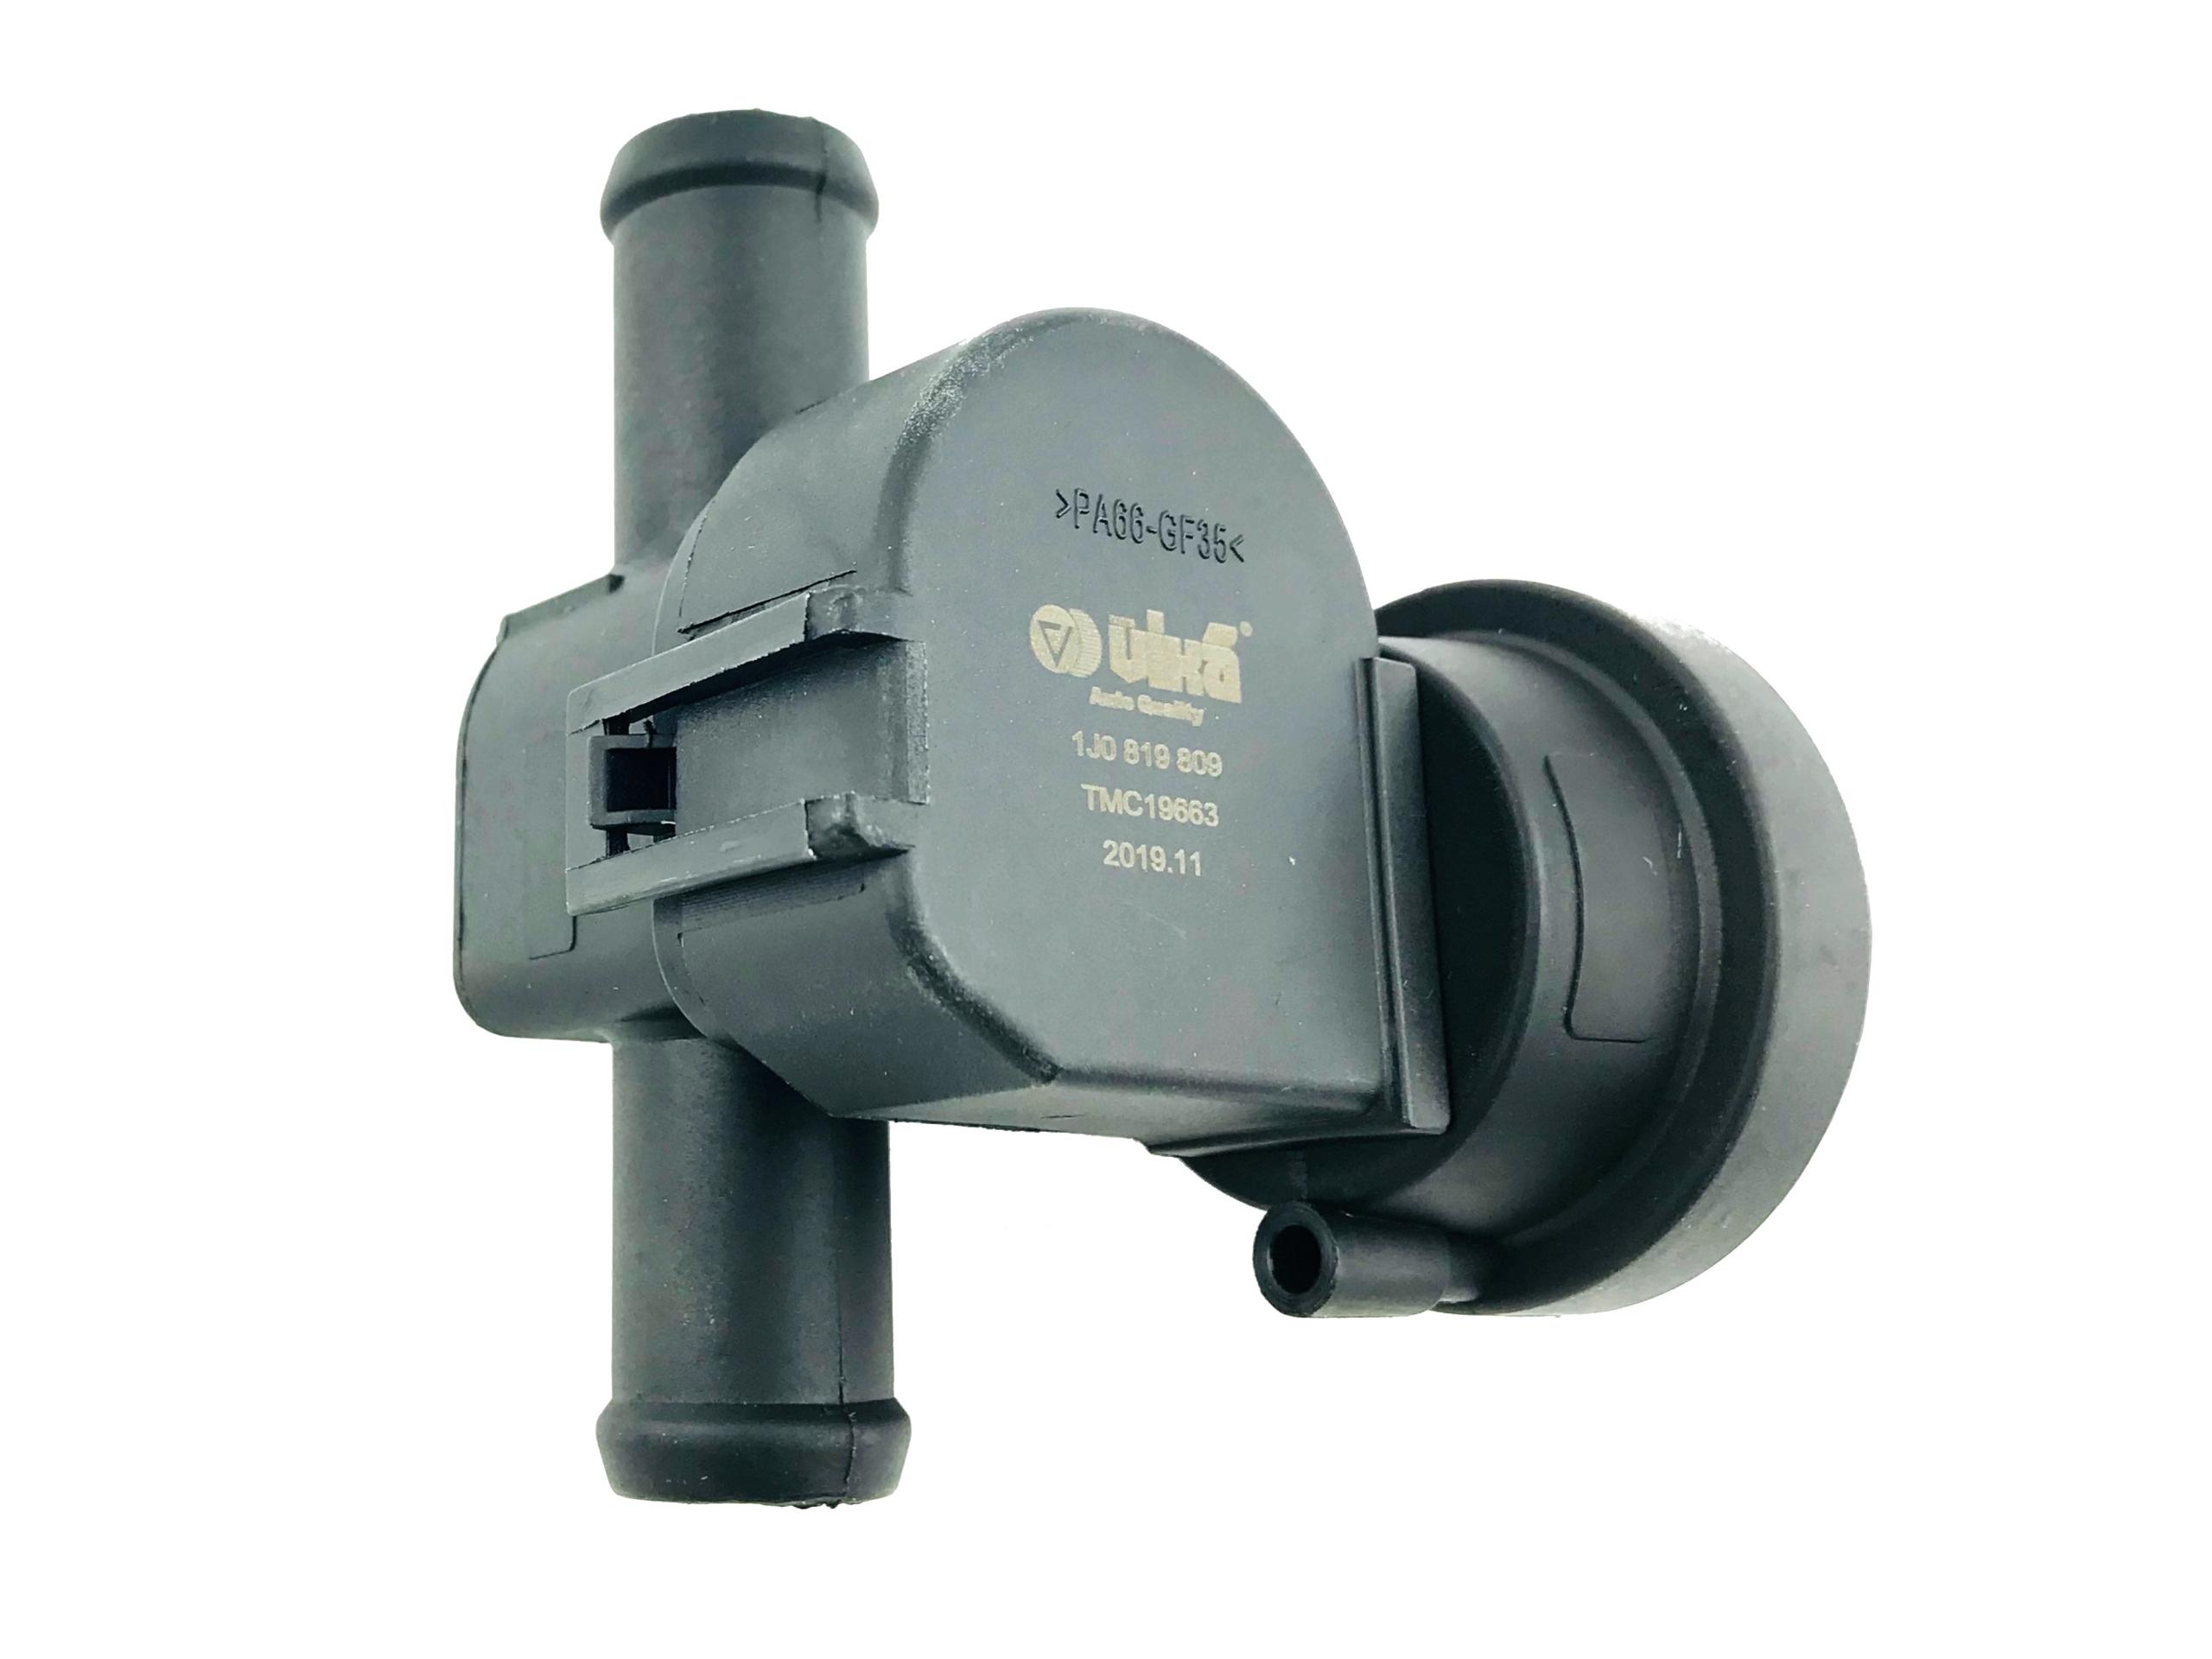 клапан вакуума отопления жидкости 1j0819809 vw